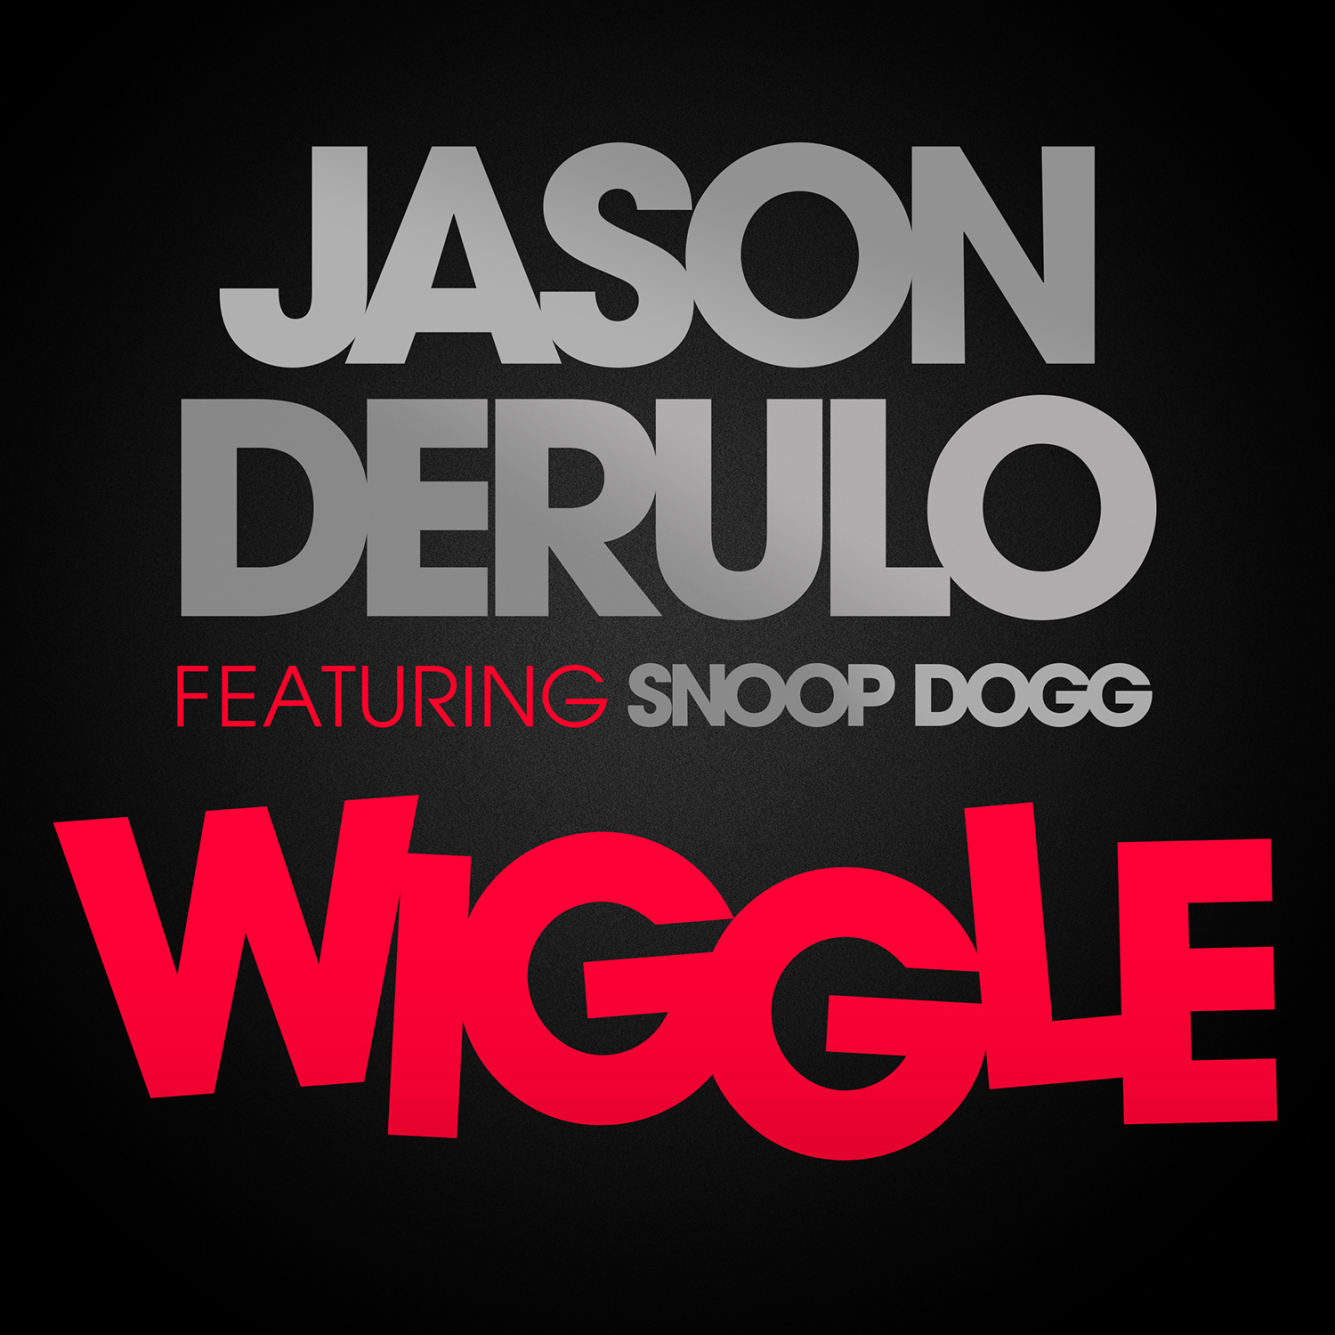 Jason derulo wiggle